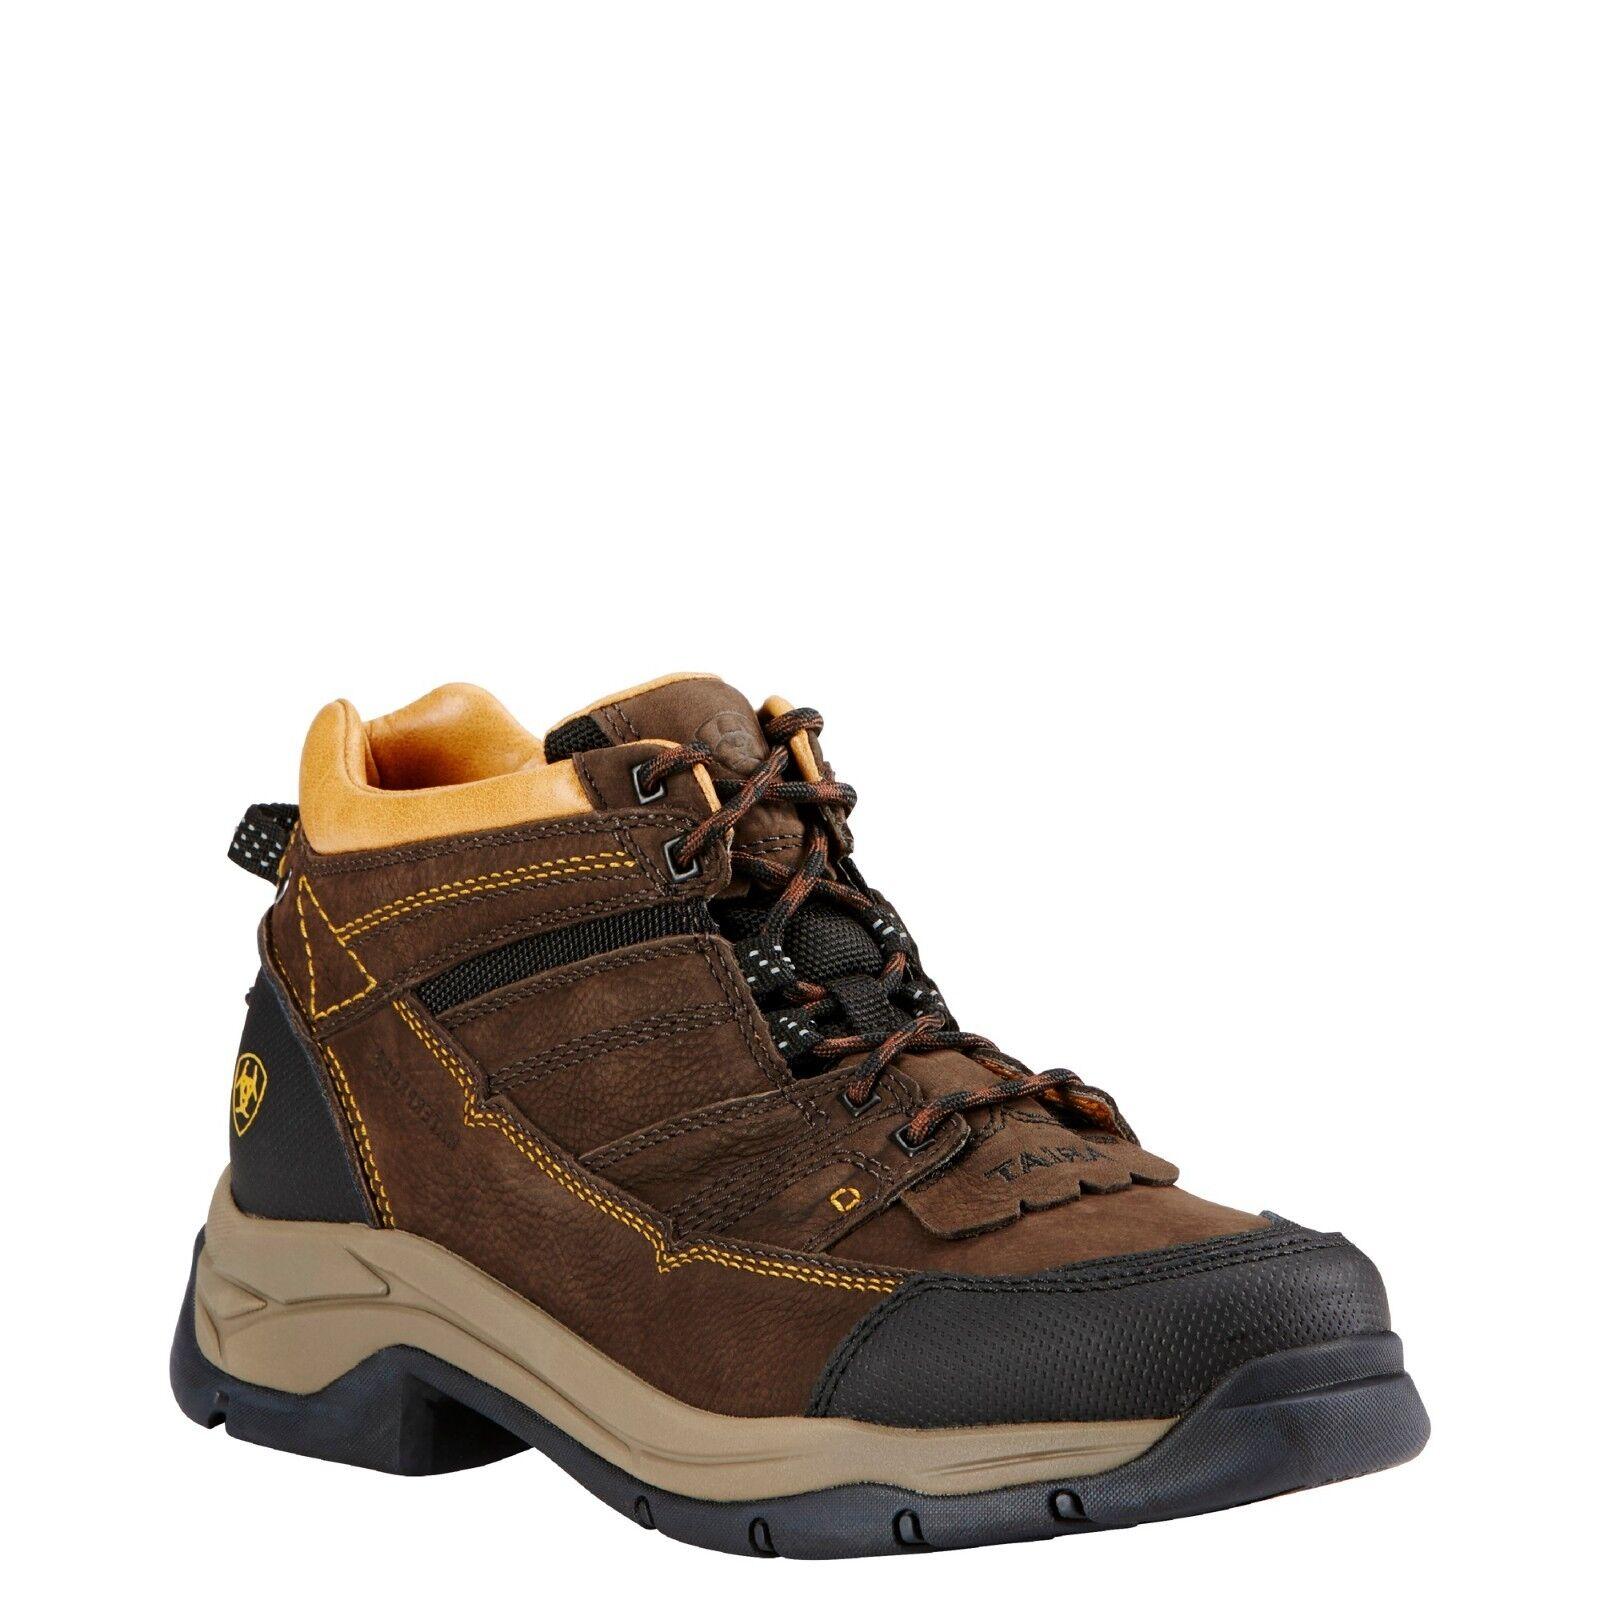 Ariat Men's Terrain Pro Java Boot 10018478